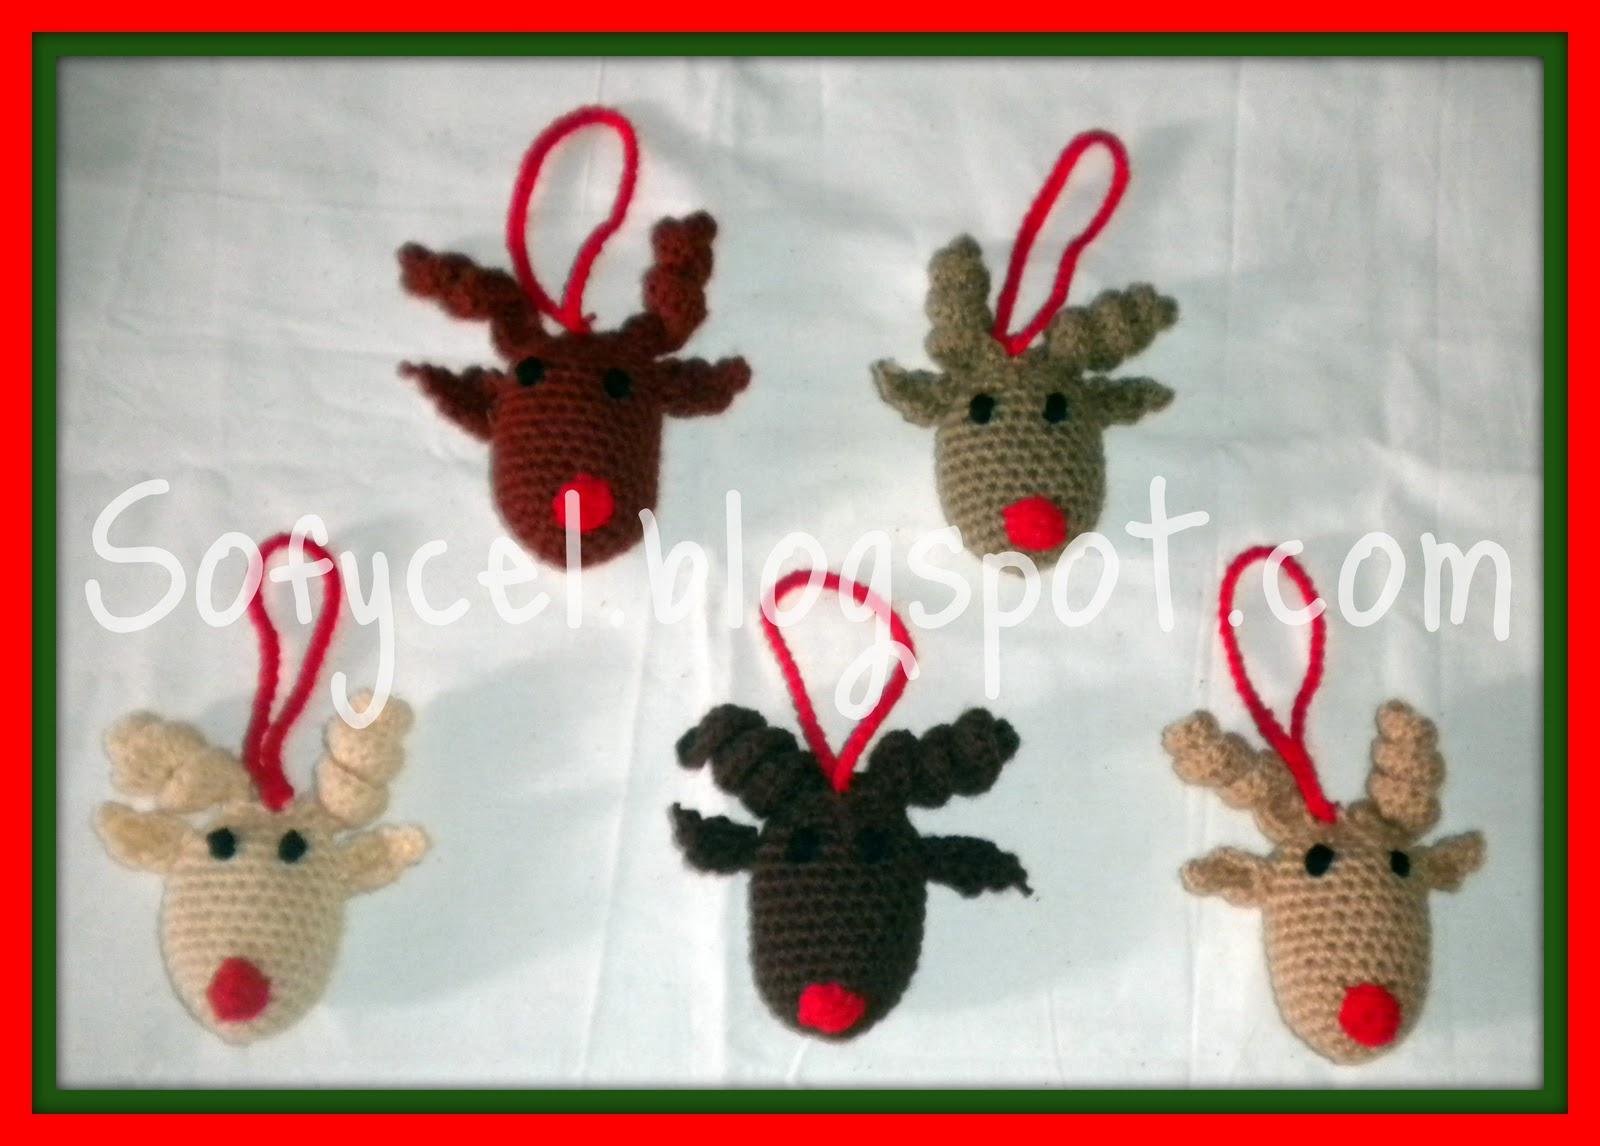 Sofycel creaciones adornos para el arbol de navidad for Adornos navidenos para el arbol